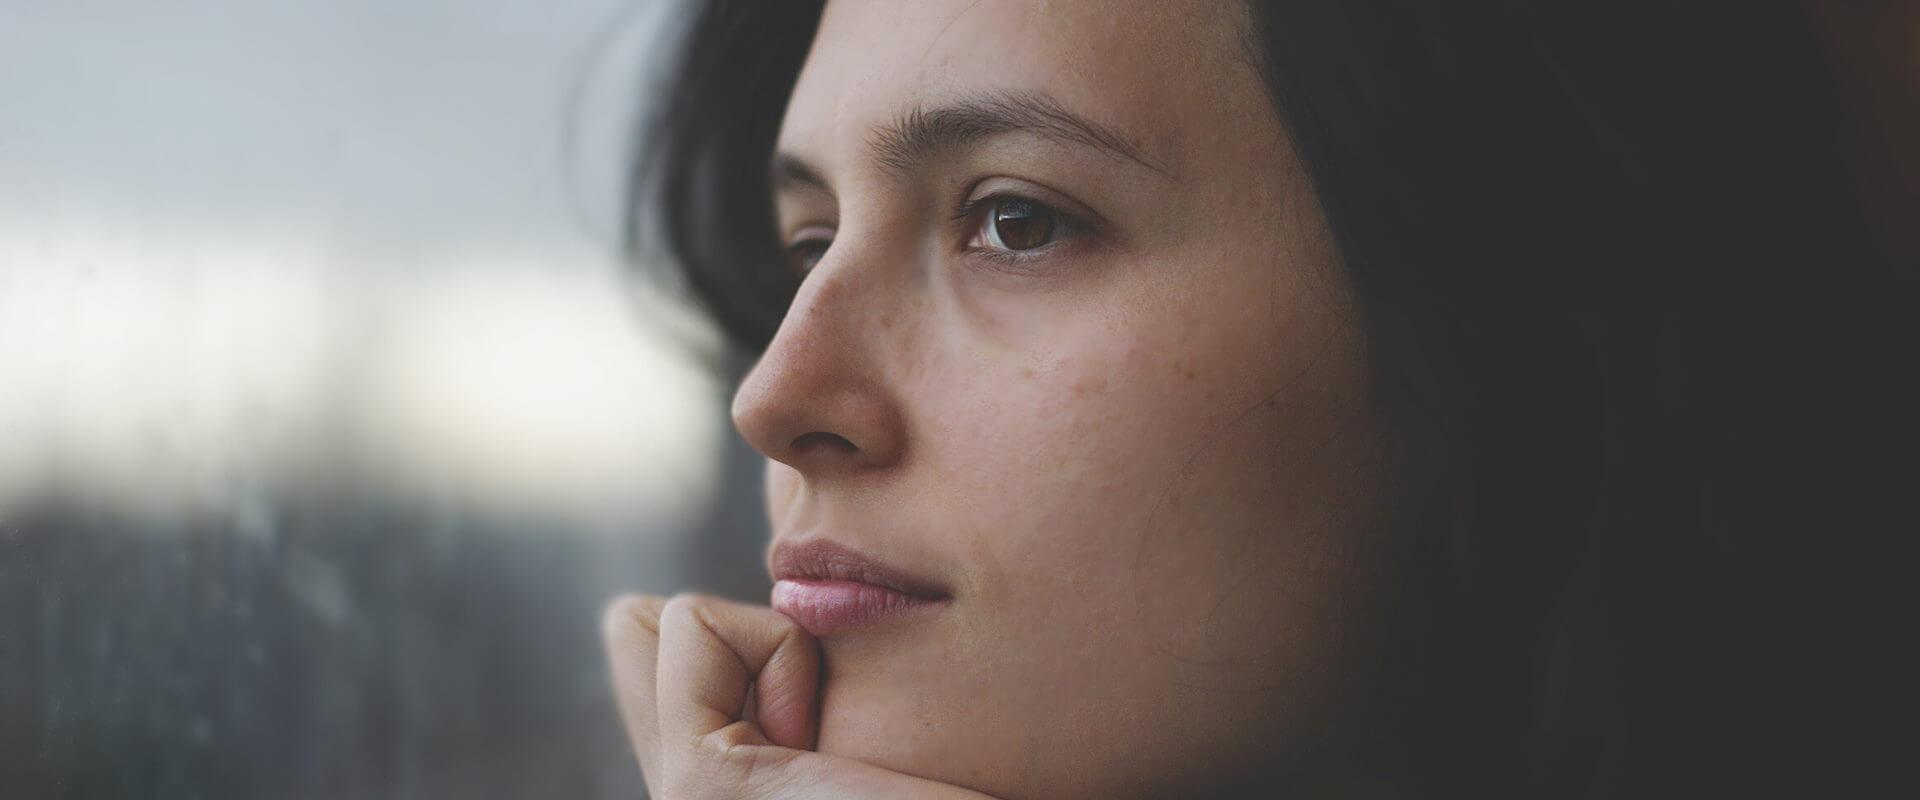 Progesteronmangel Ursachen - Teil 1